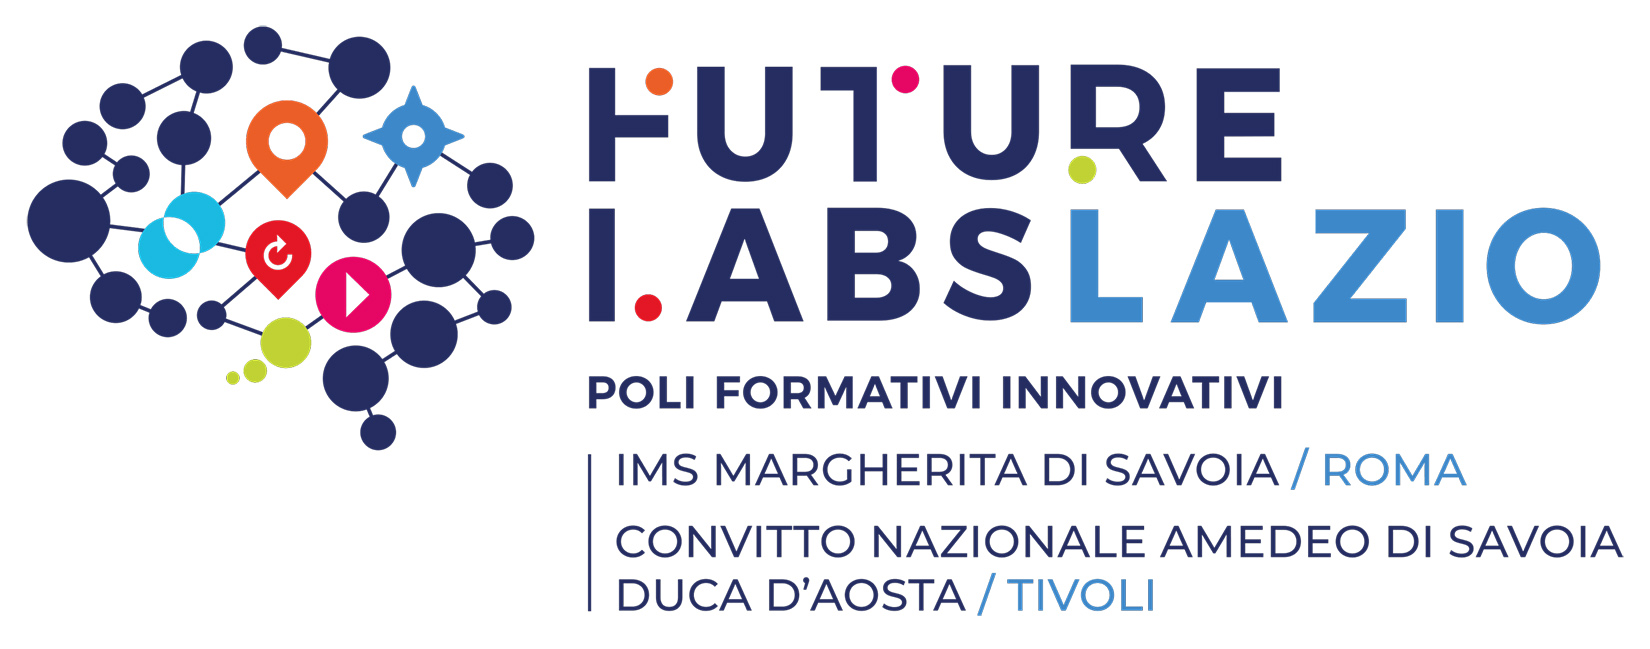 Future Labs Lazio